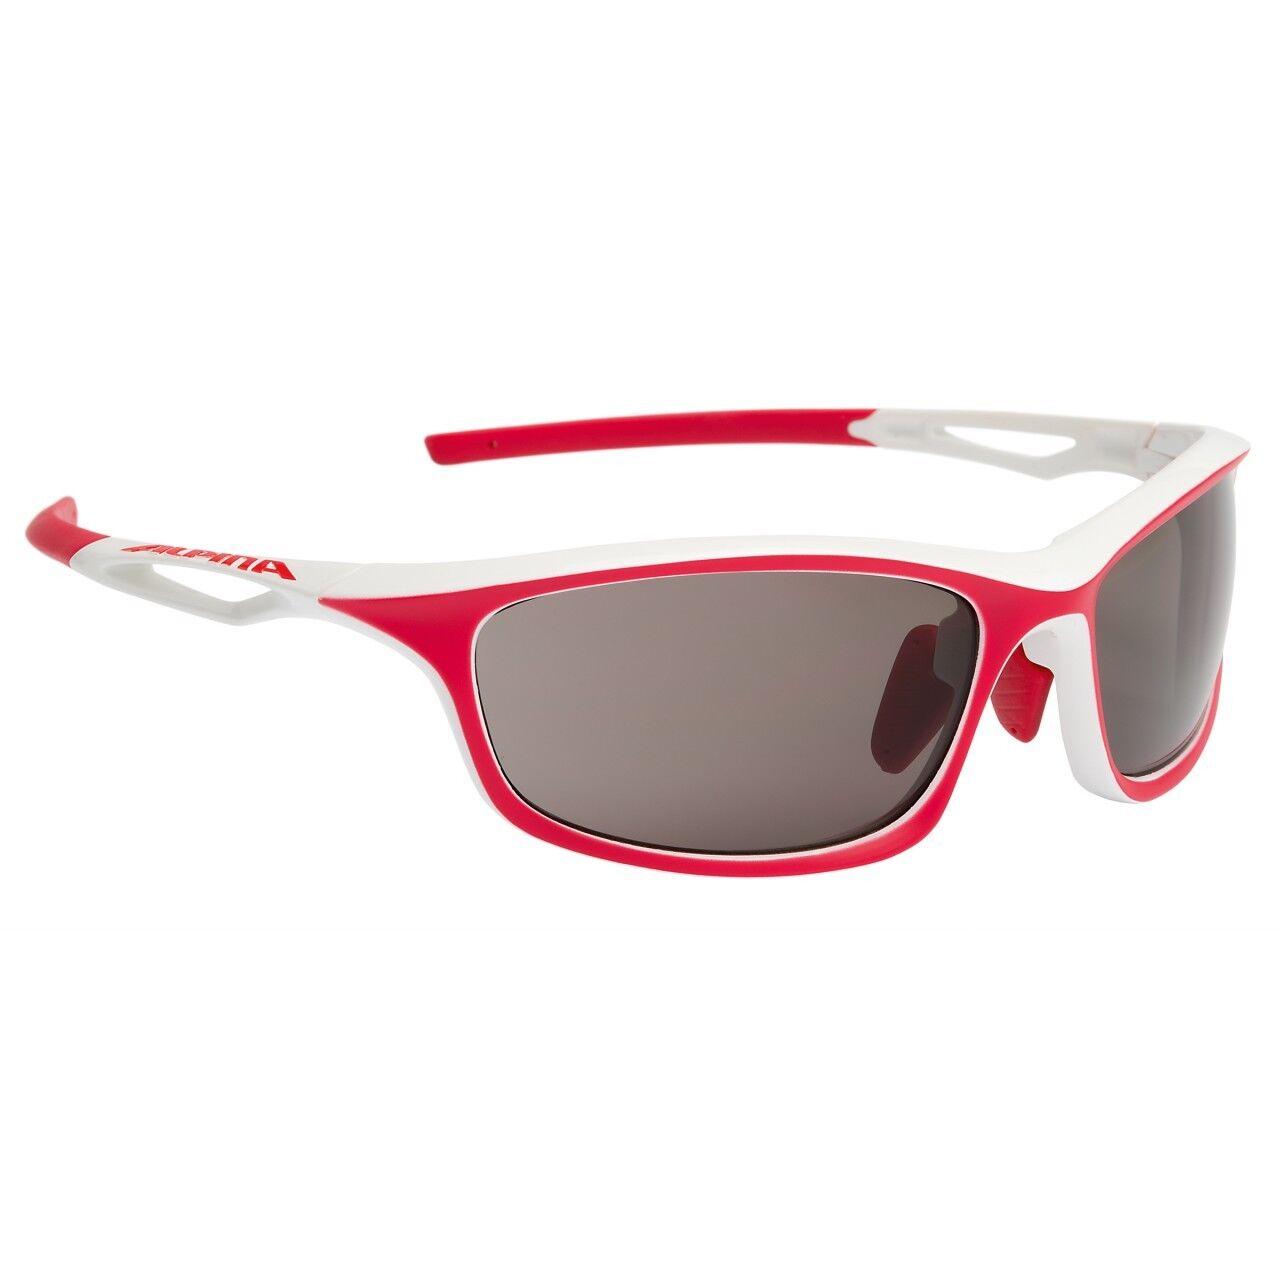 Alpina Fahrradbrille Sportbrille Sportbrille Sportbrille Sonnenbrille Brille SORCERY C+ Weiß-rot matt 90040f